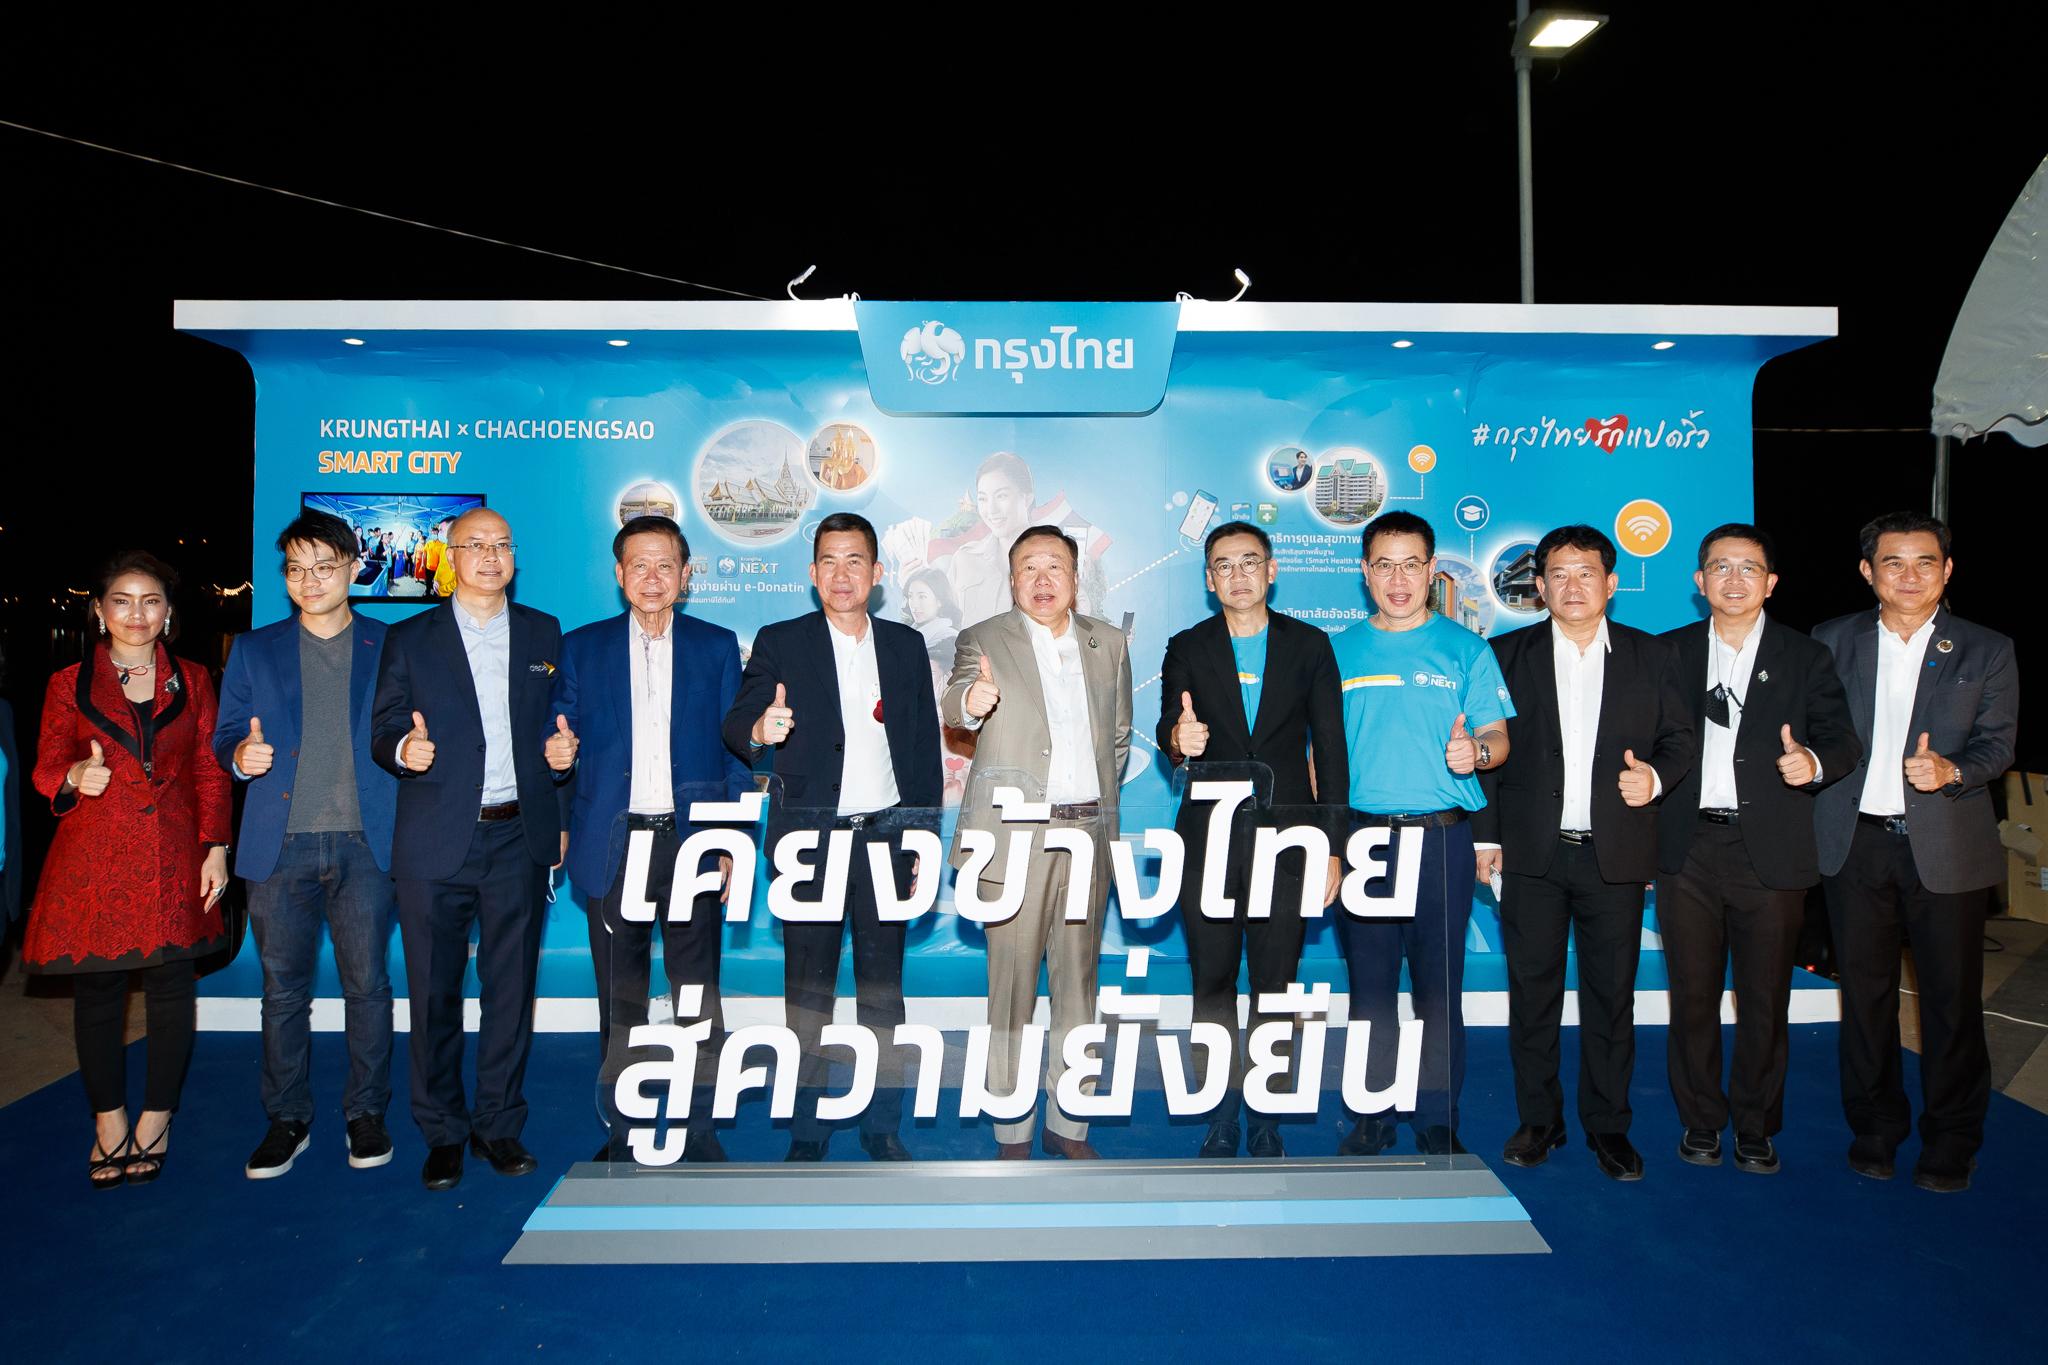 """""""ฉะเชิงเทรา"""" จับมือ """"กรุงไทย"""" ผนึก 9 องค์กรพันธมิตร"""